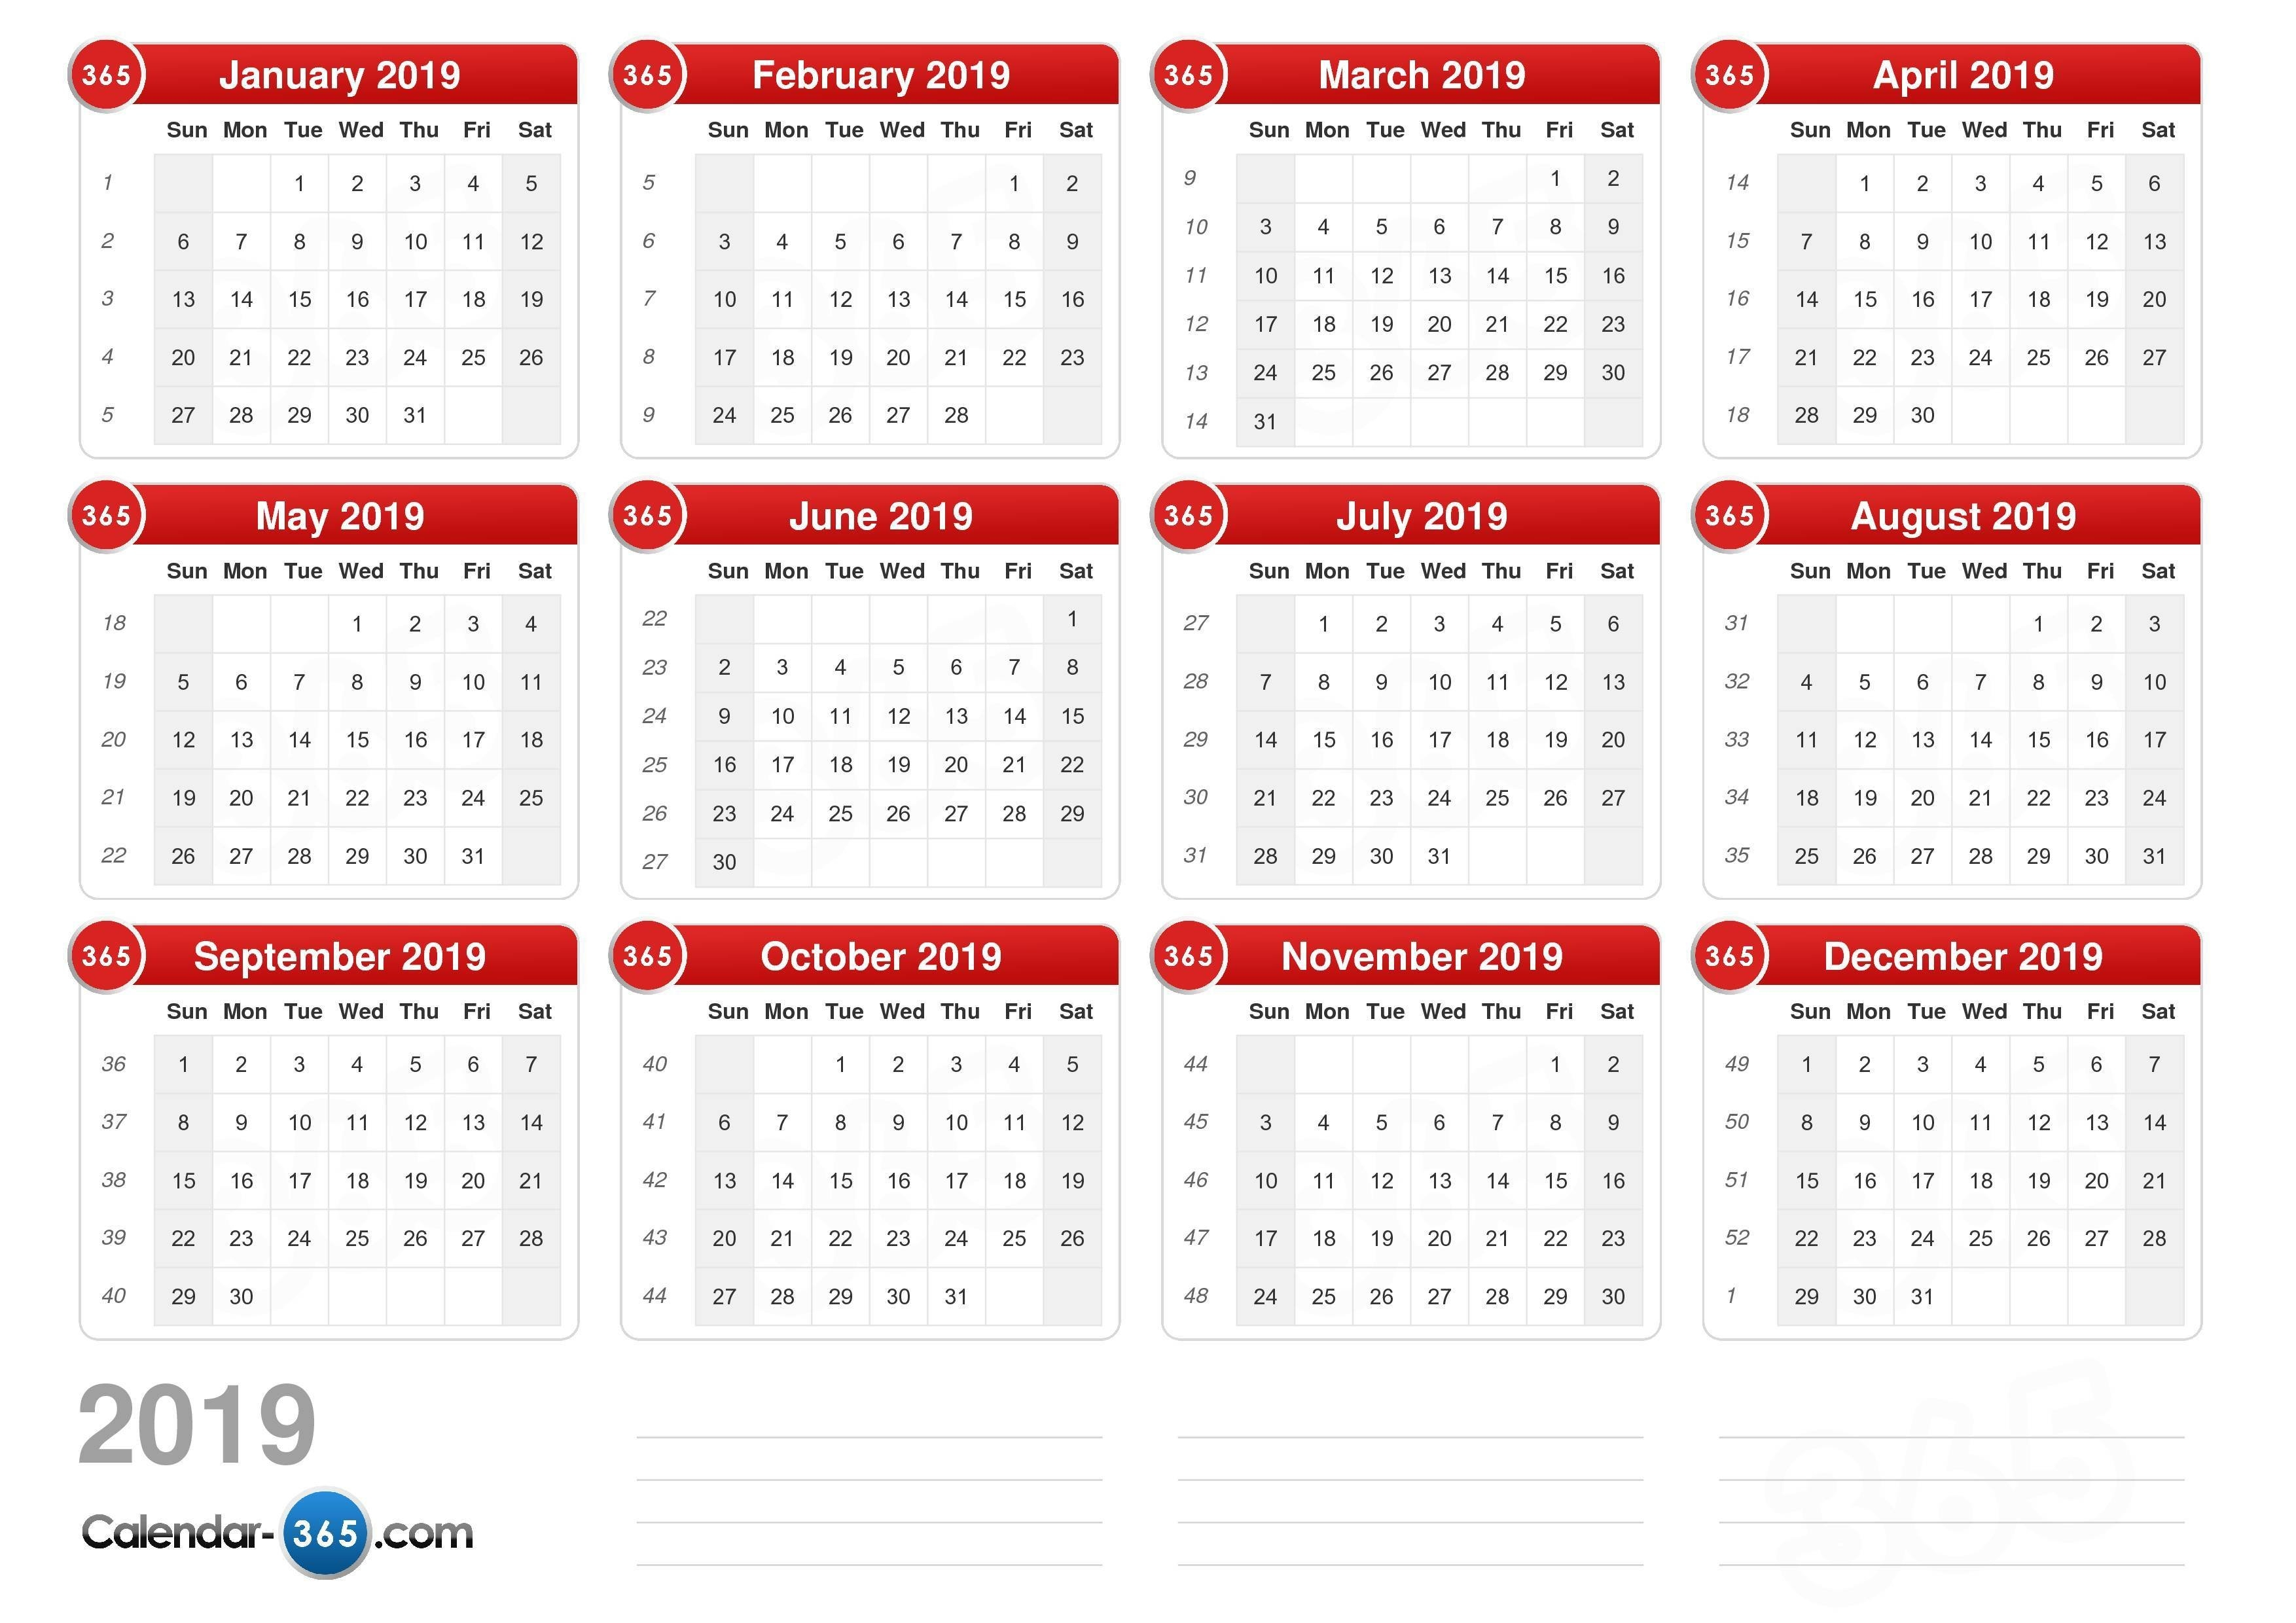 2019 Calendar Calendar Week 12 2019